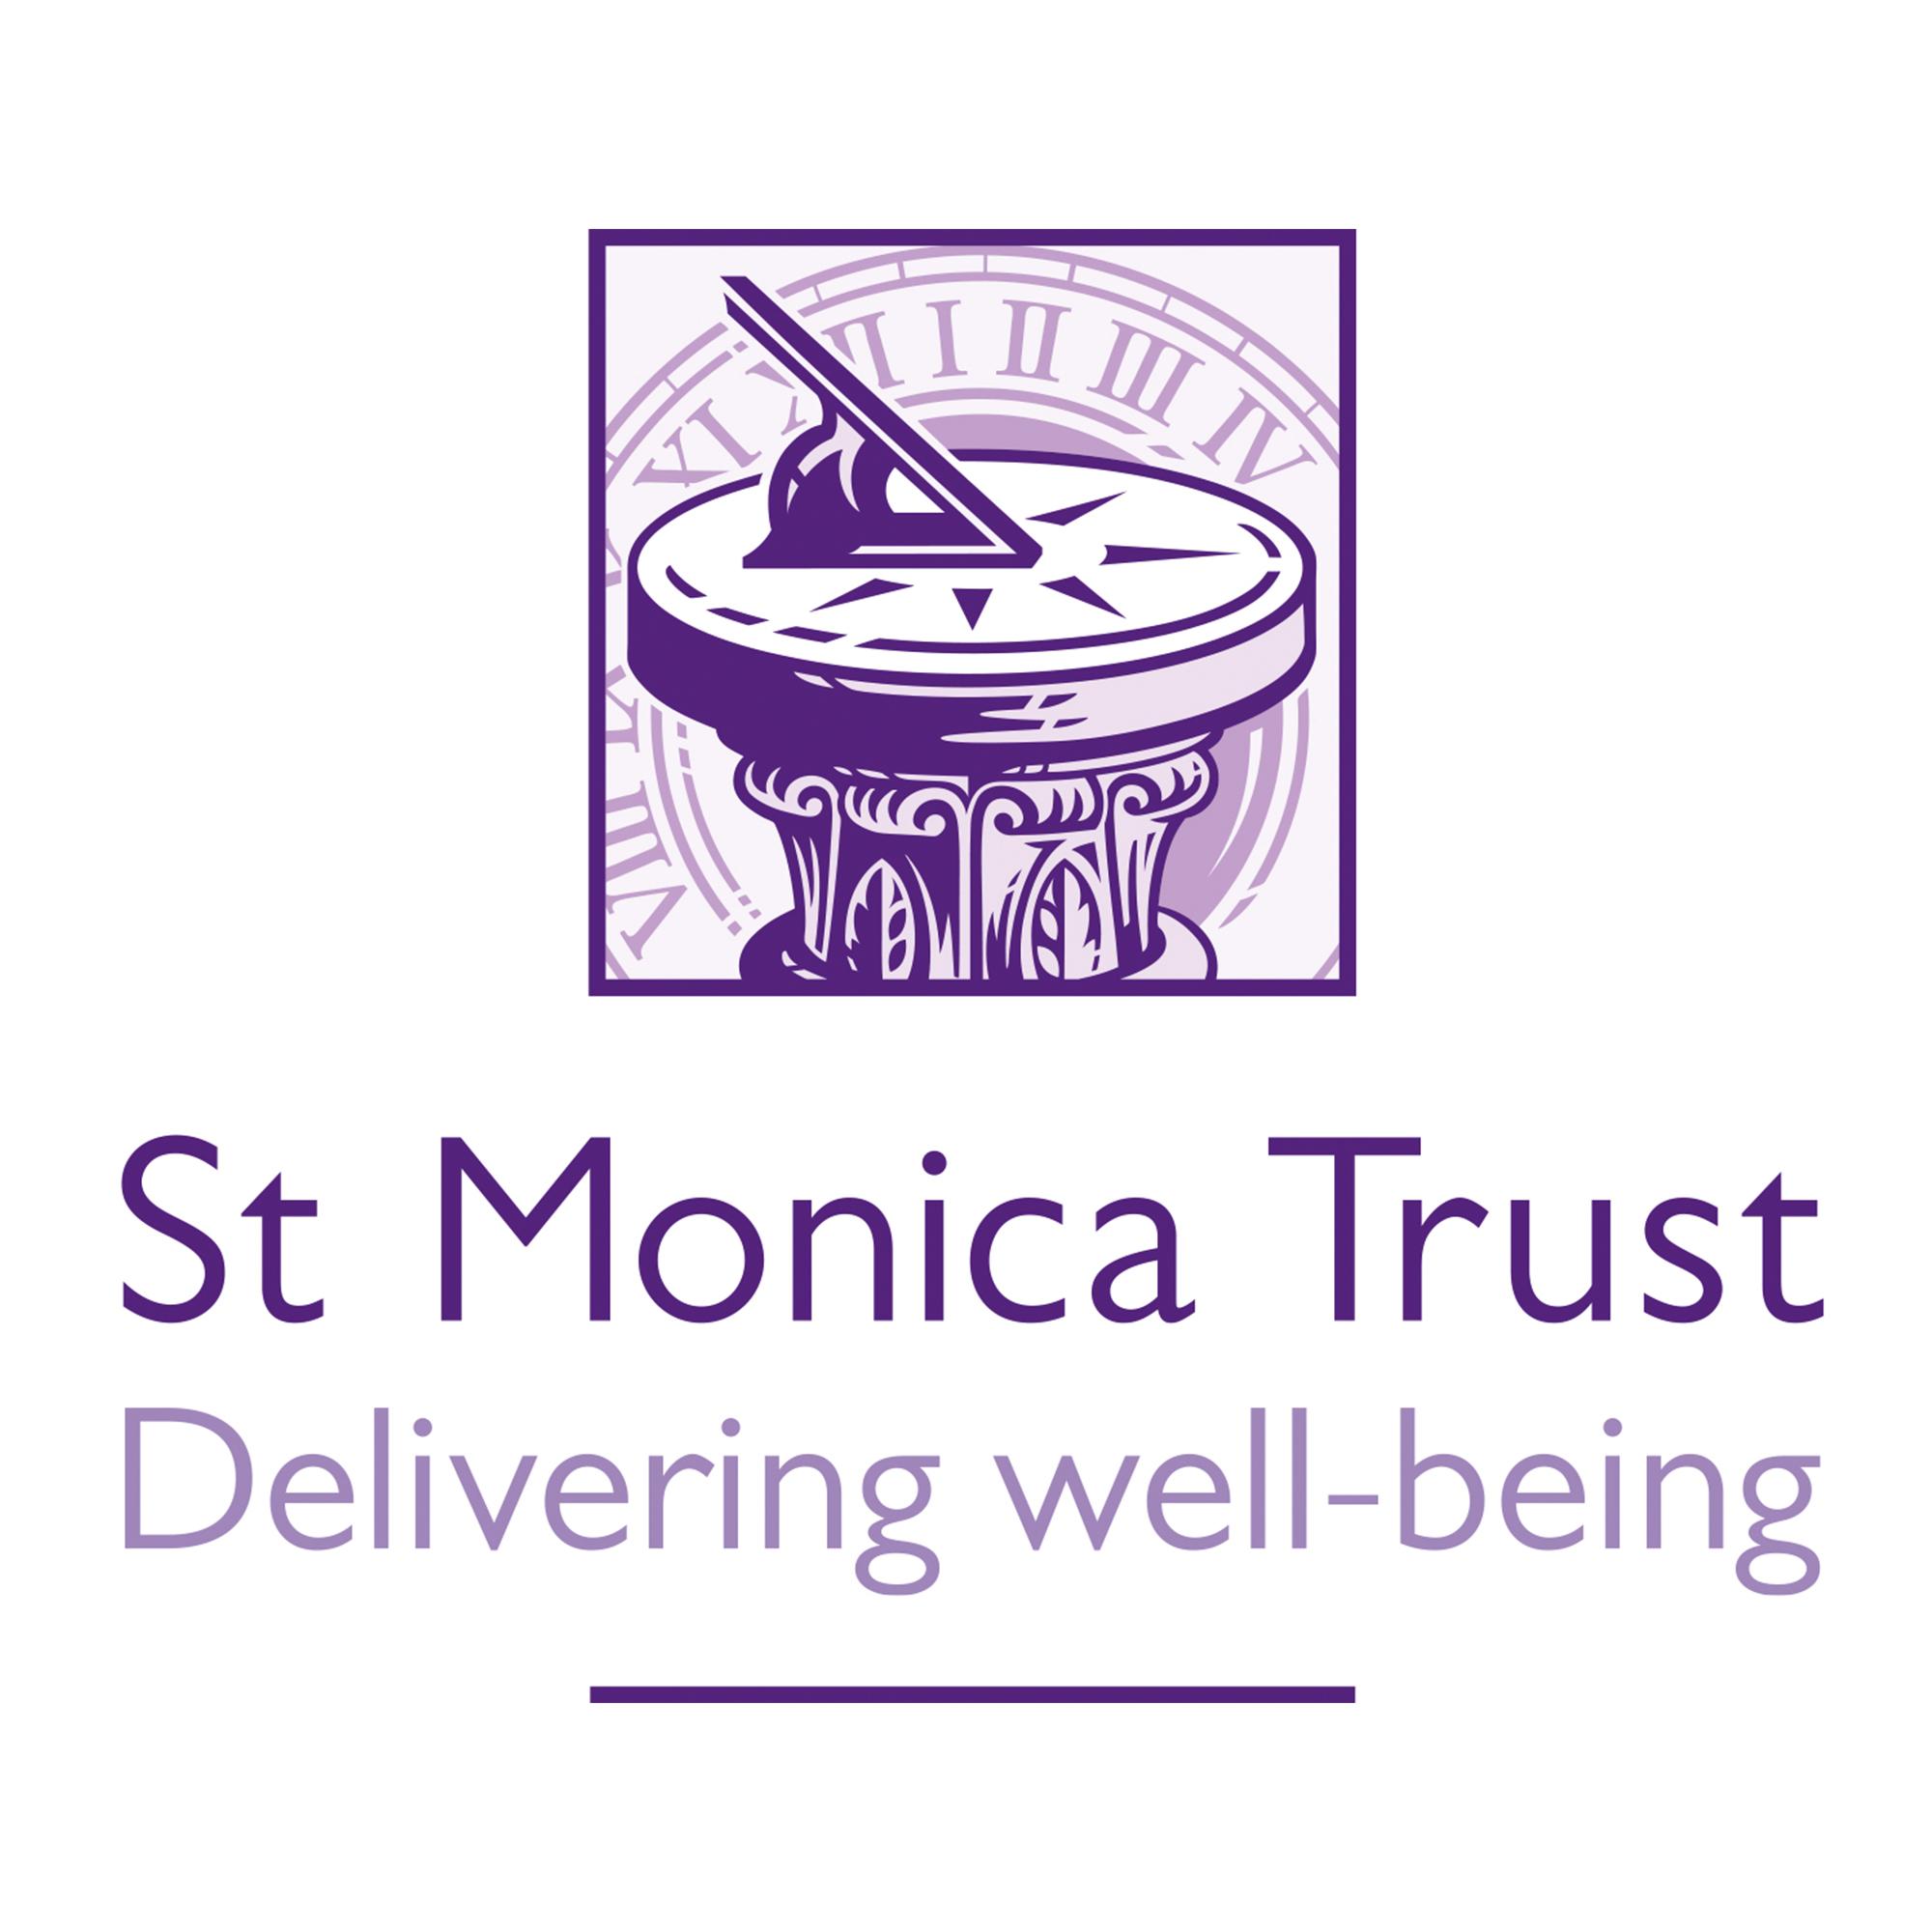 St. Monica Trust